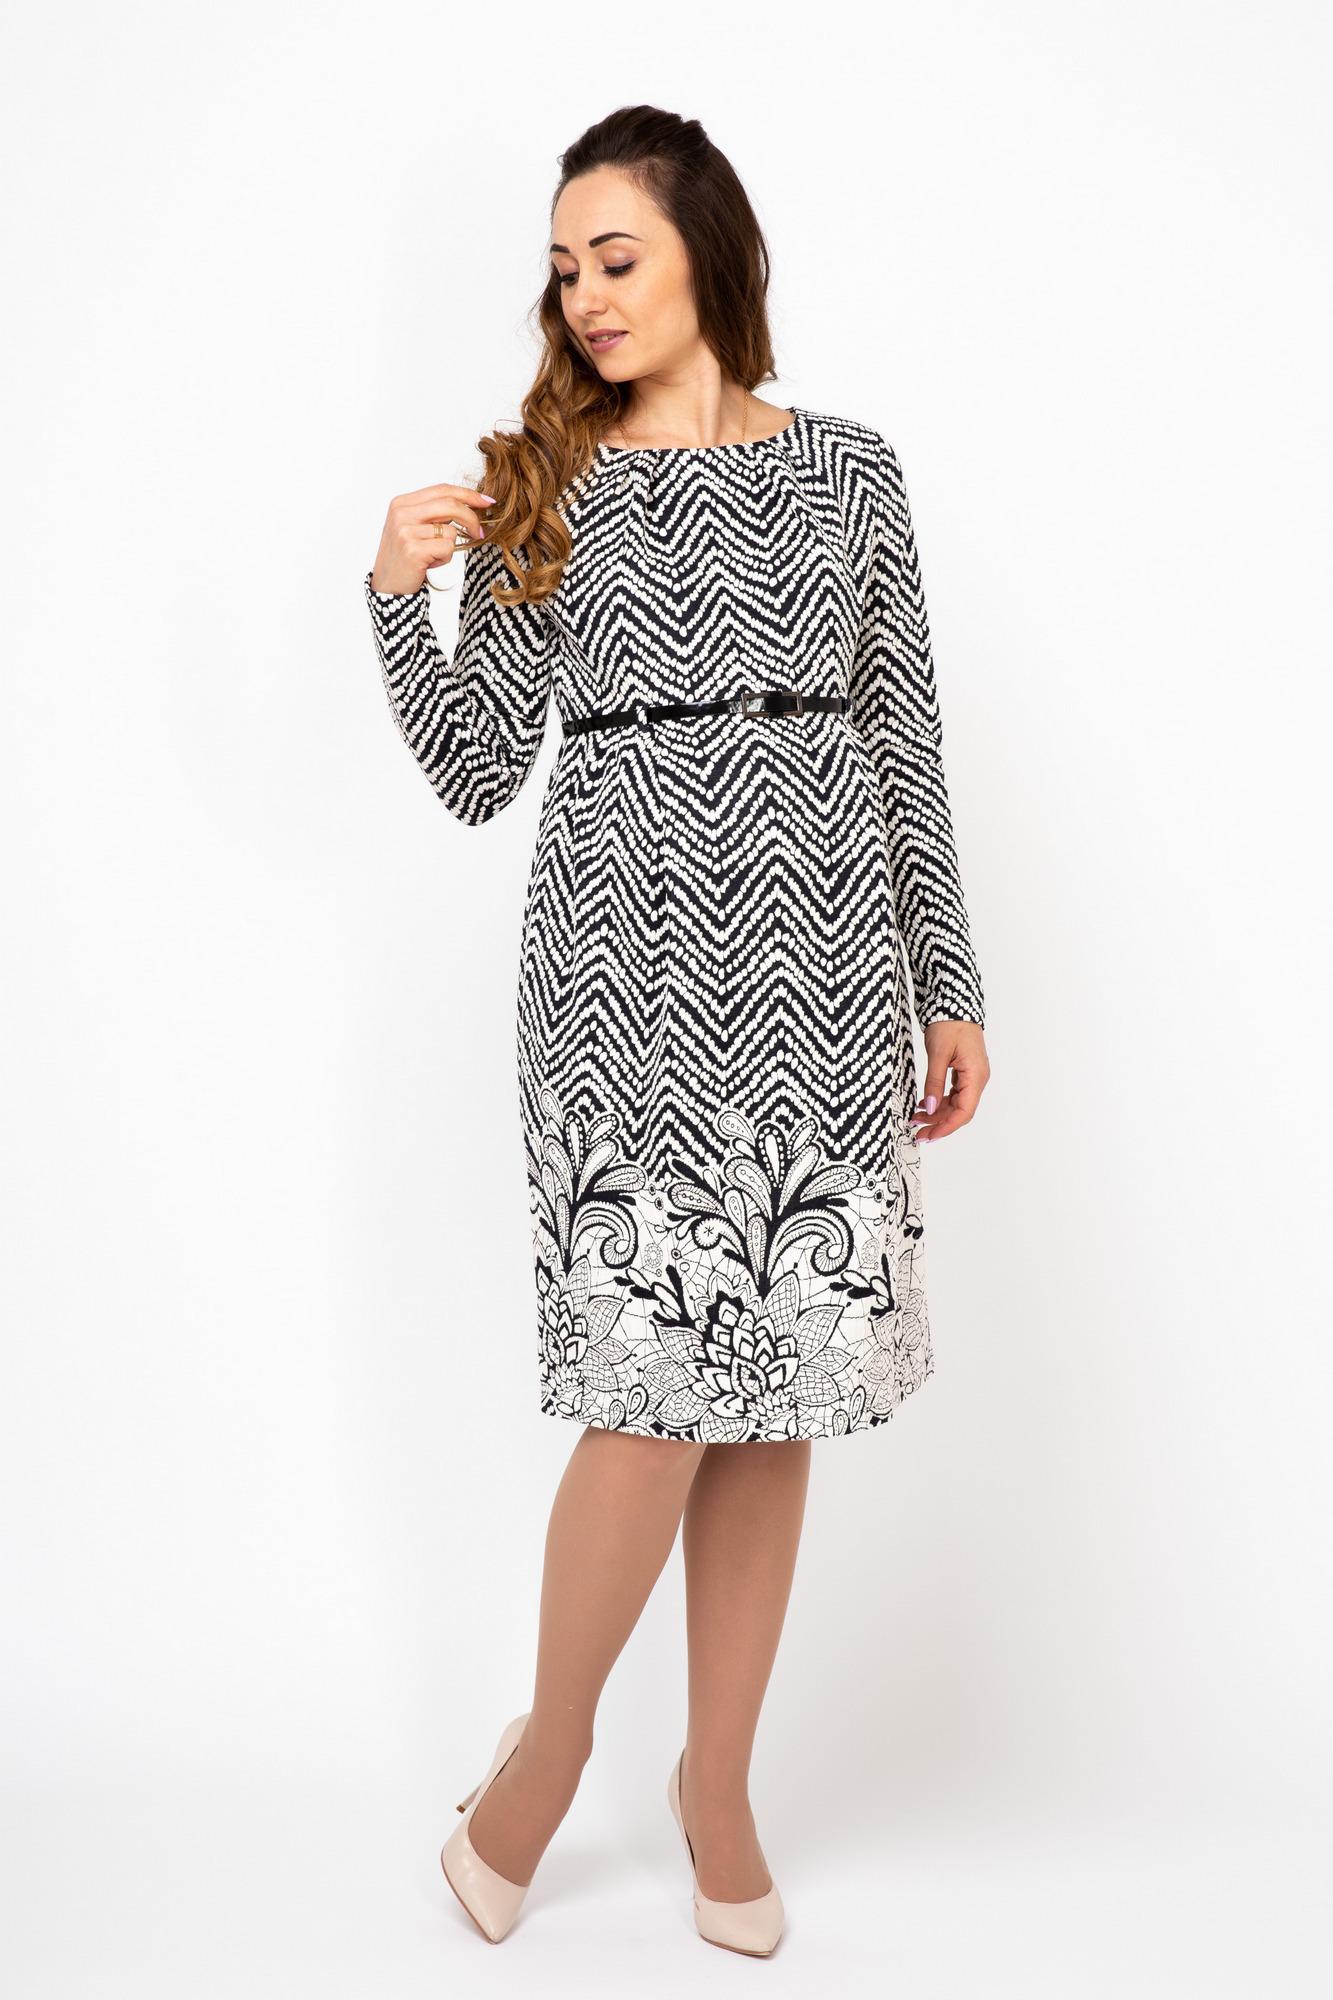 Фото платье для беременных Фото платье для беременных Magica bellezza, классическое от магазина СкороМама, синий, белый, размеры.